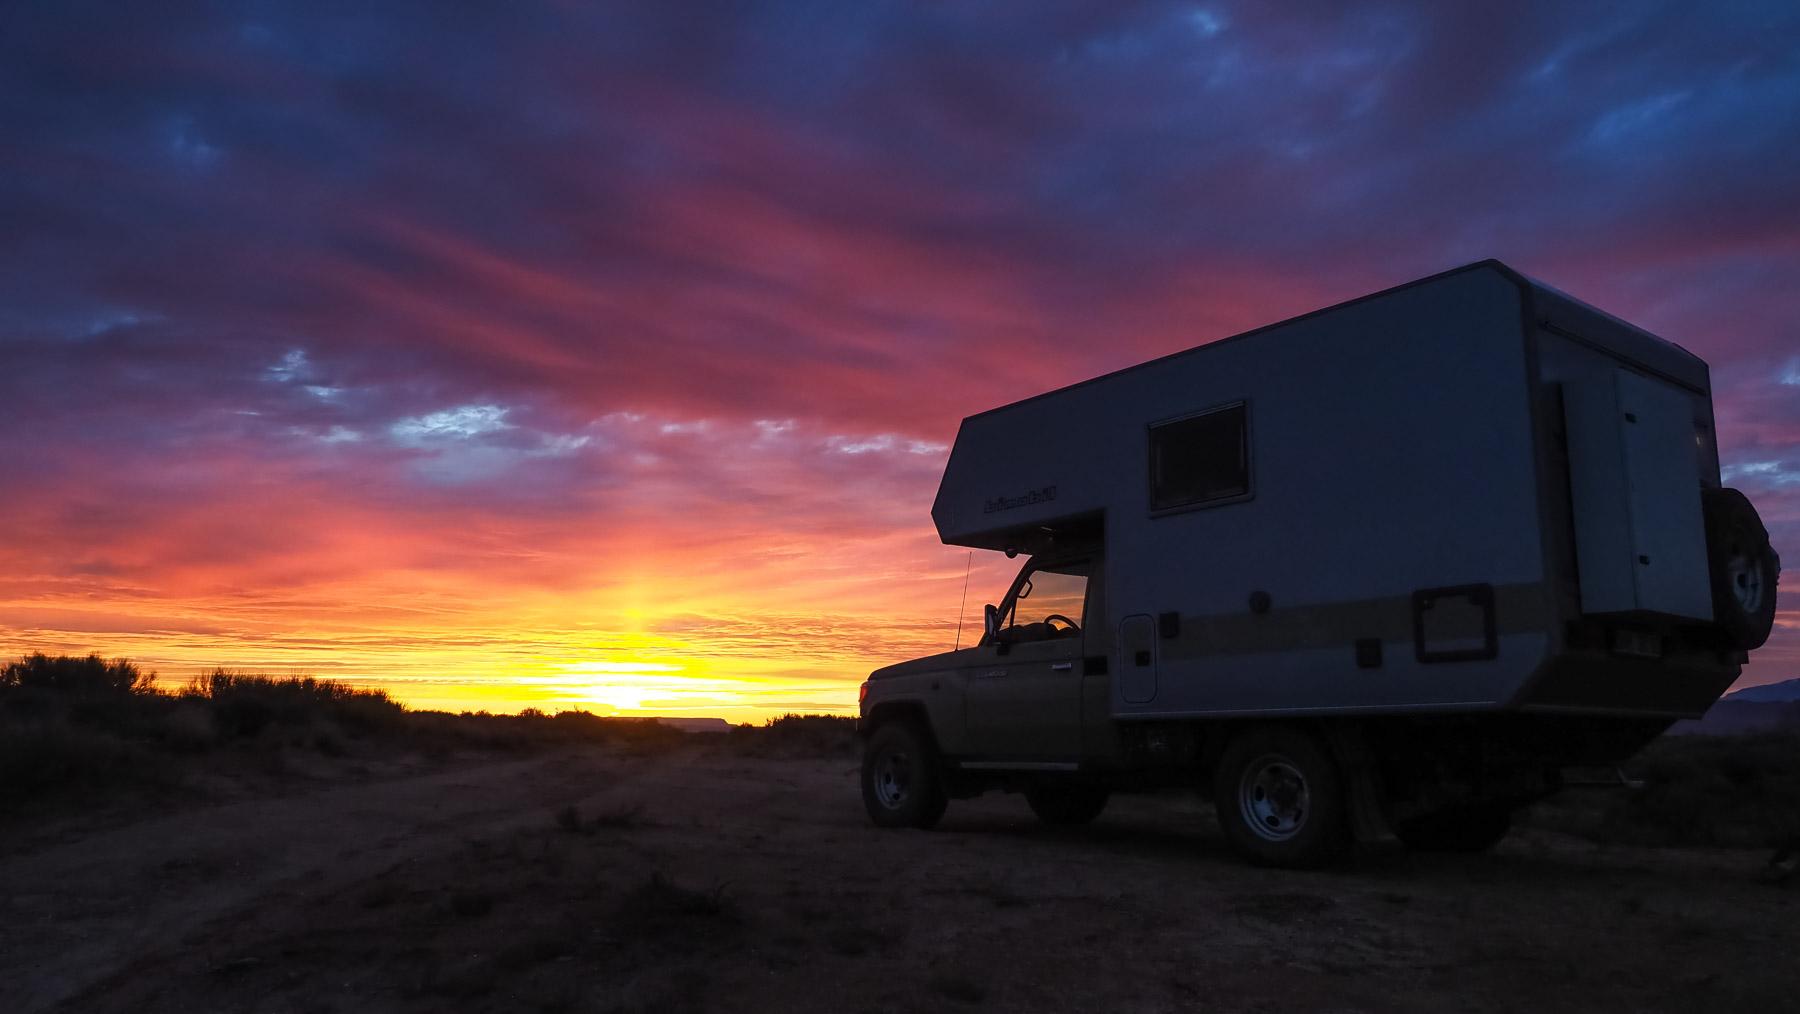 Zum Sonnenuntergang wieder Zuhause